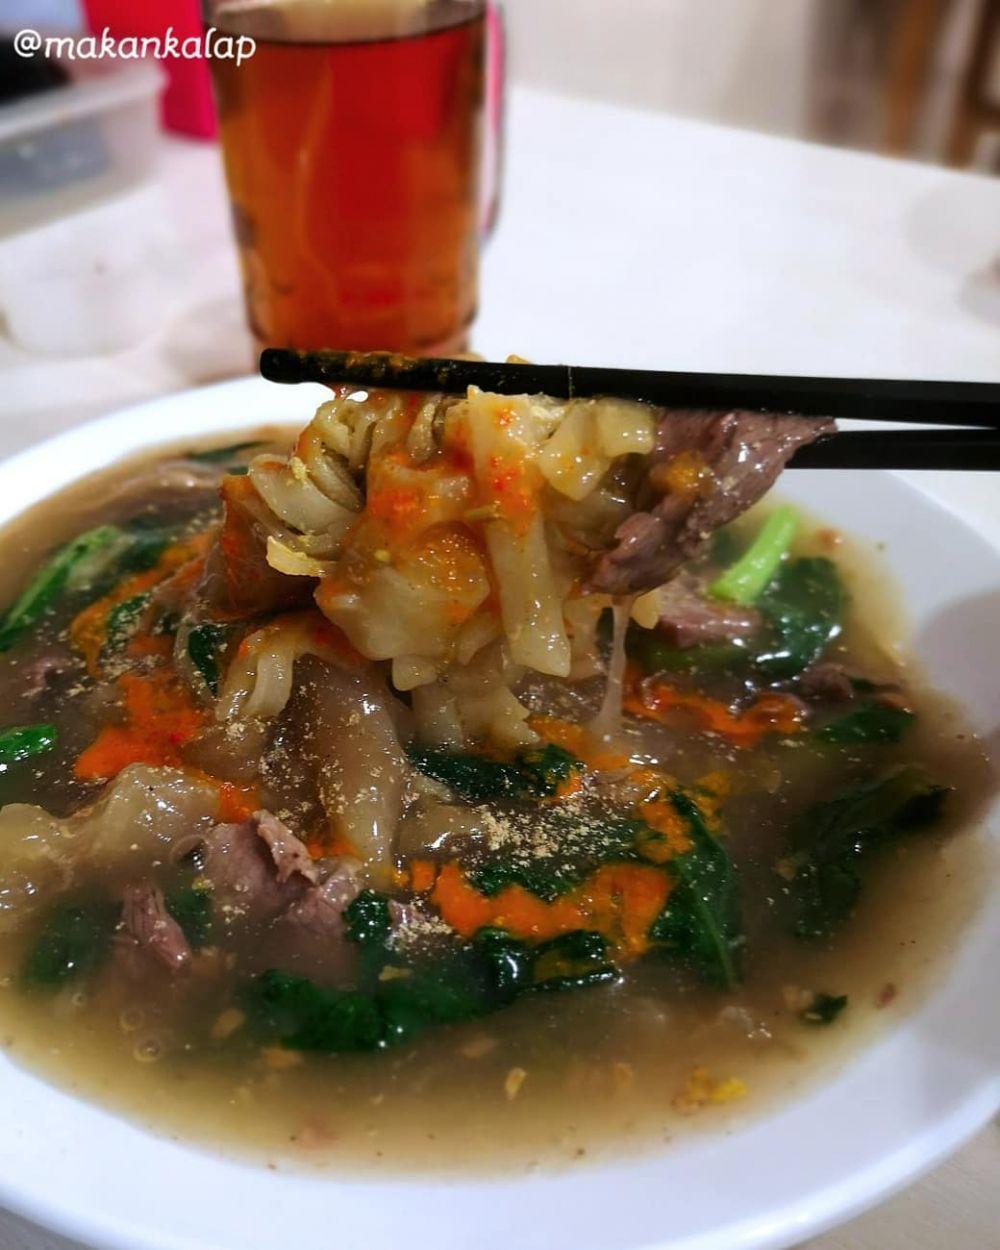 Tempat makan legendaris khas Jakarta © 2020 brilio.net